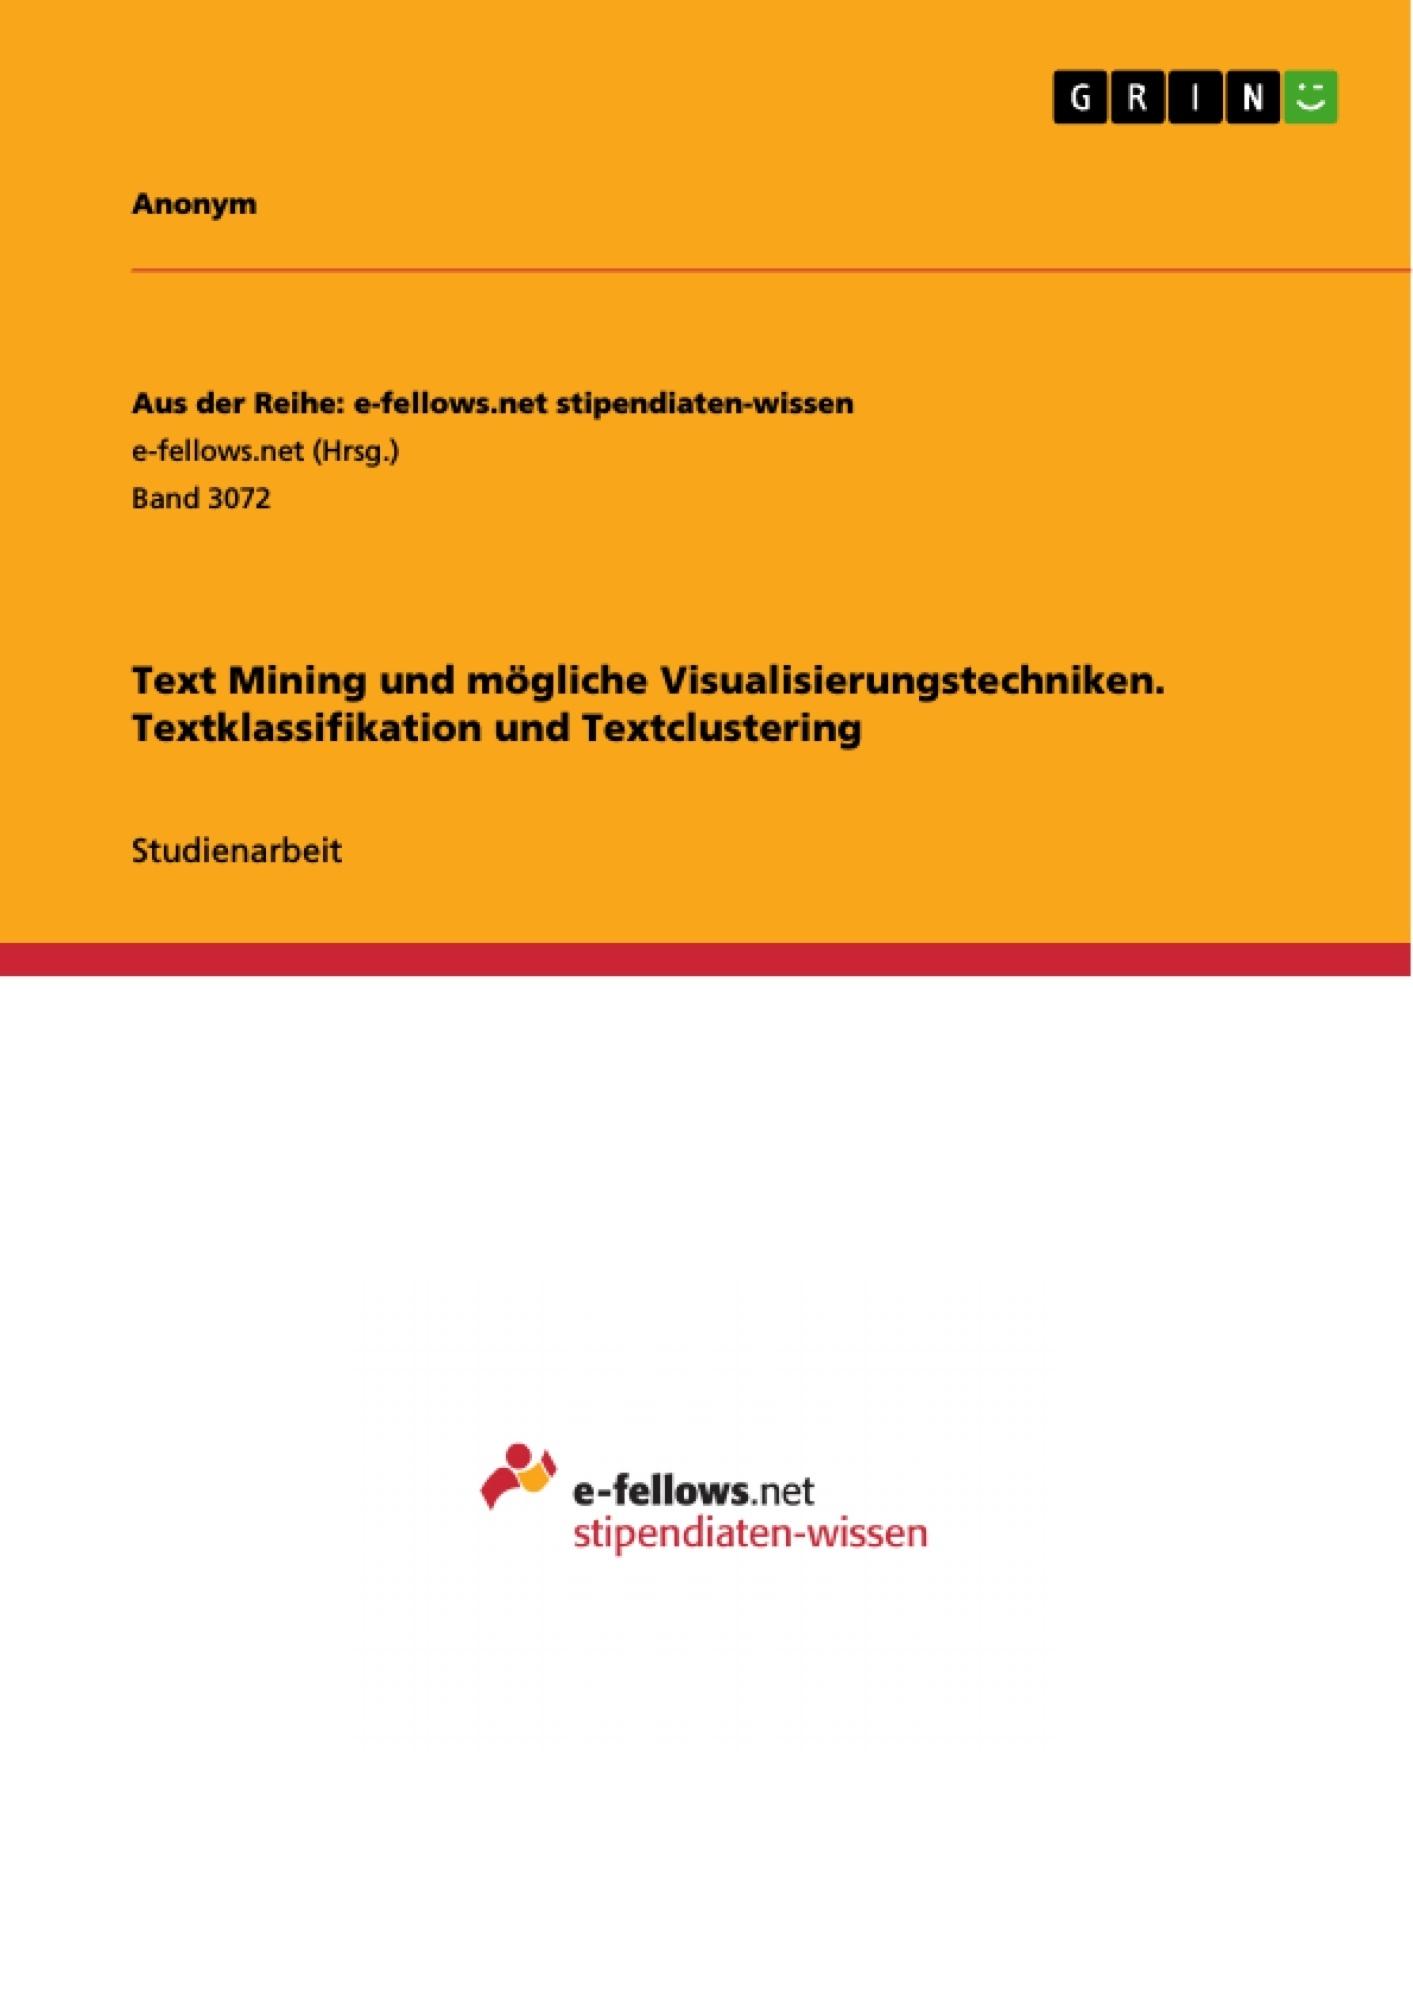 Titel: Text Mining und mögliche Visualisierungstechniken. Textklassifikation und Textclustering